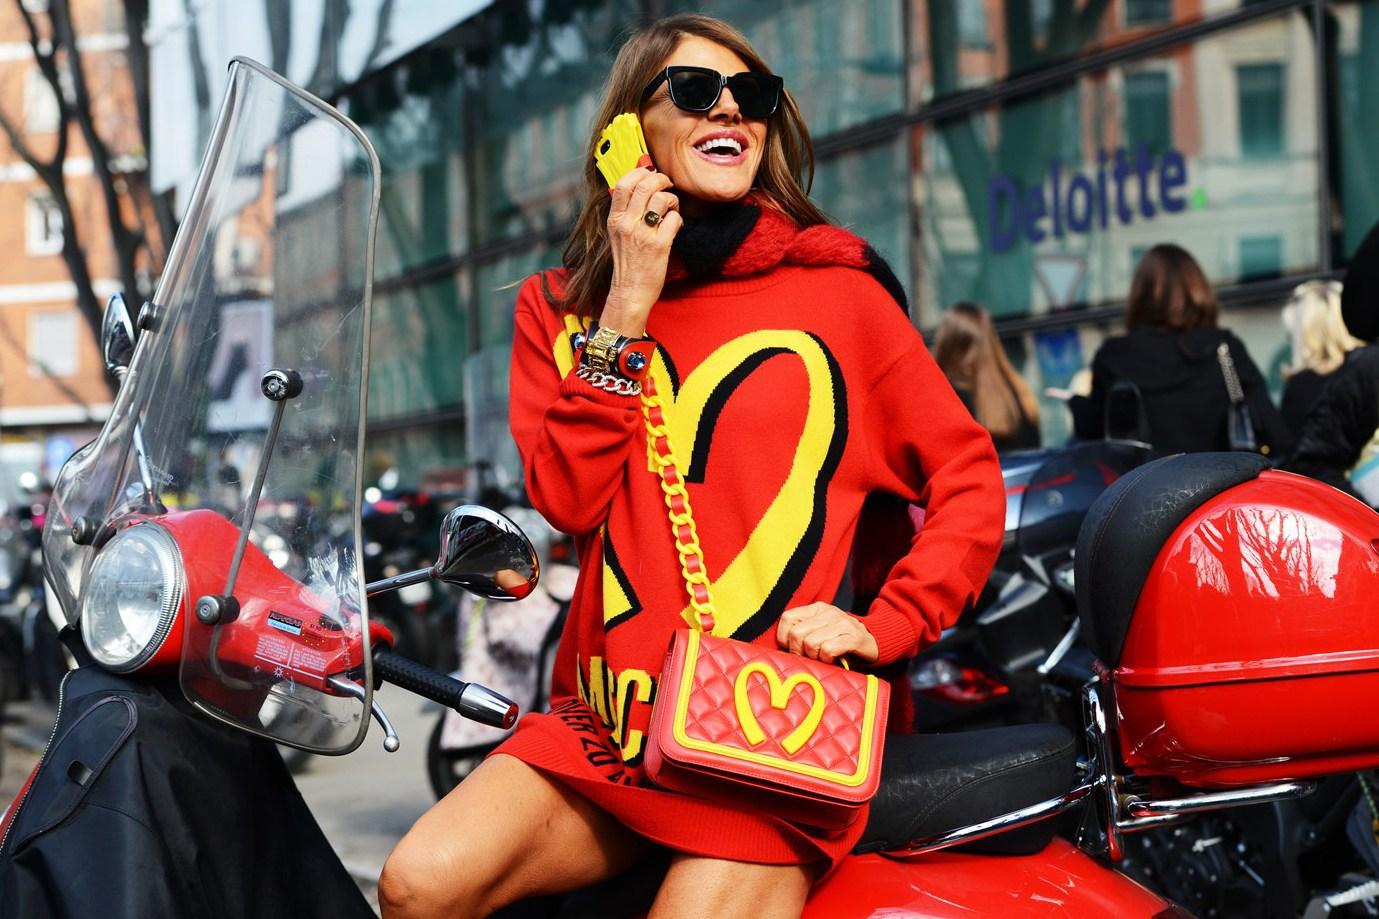 H&M宣布与Moschino合作 你选择去门店排队还是继续抵制